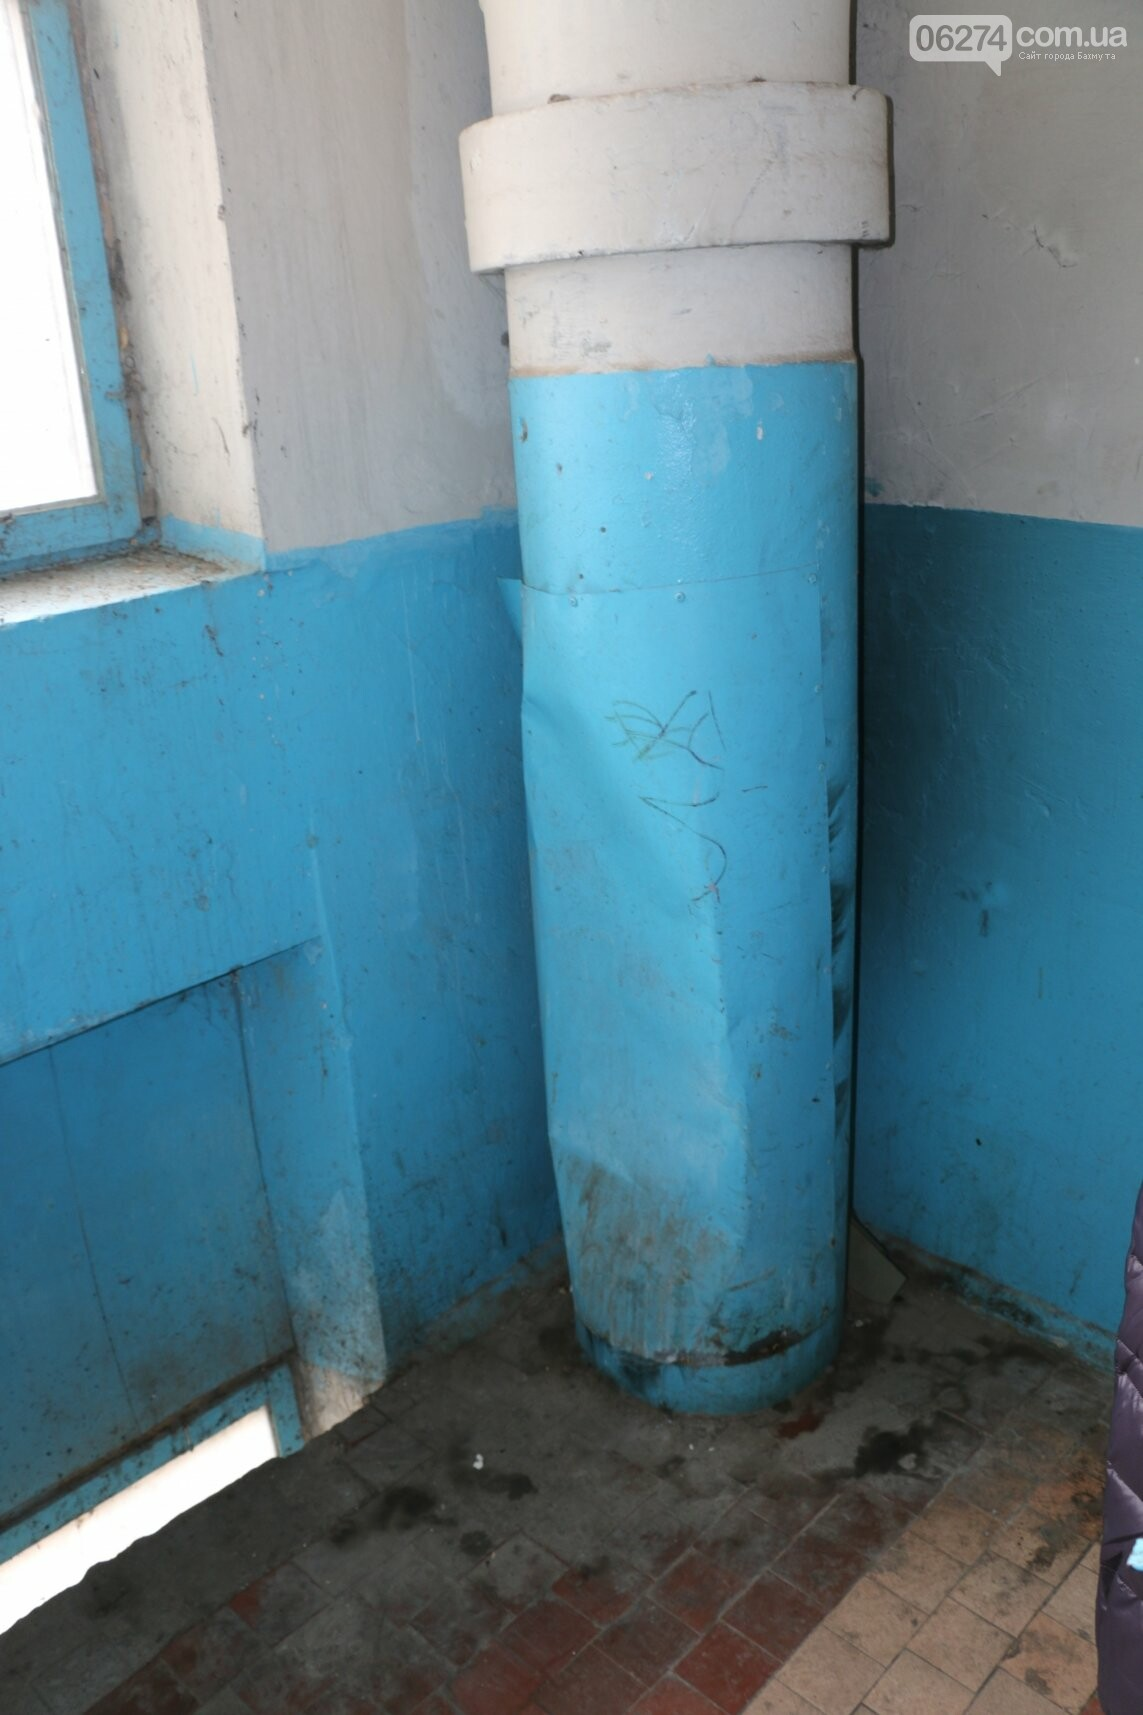 Дома-призраки в Бахмуте: есть ли выход?, фото-17